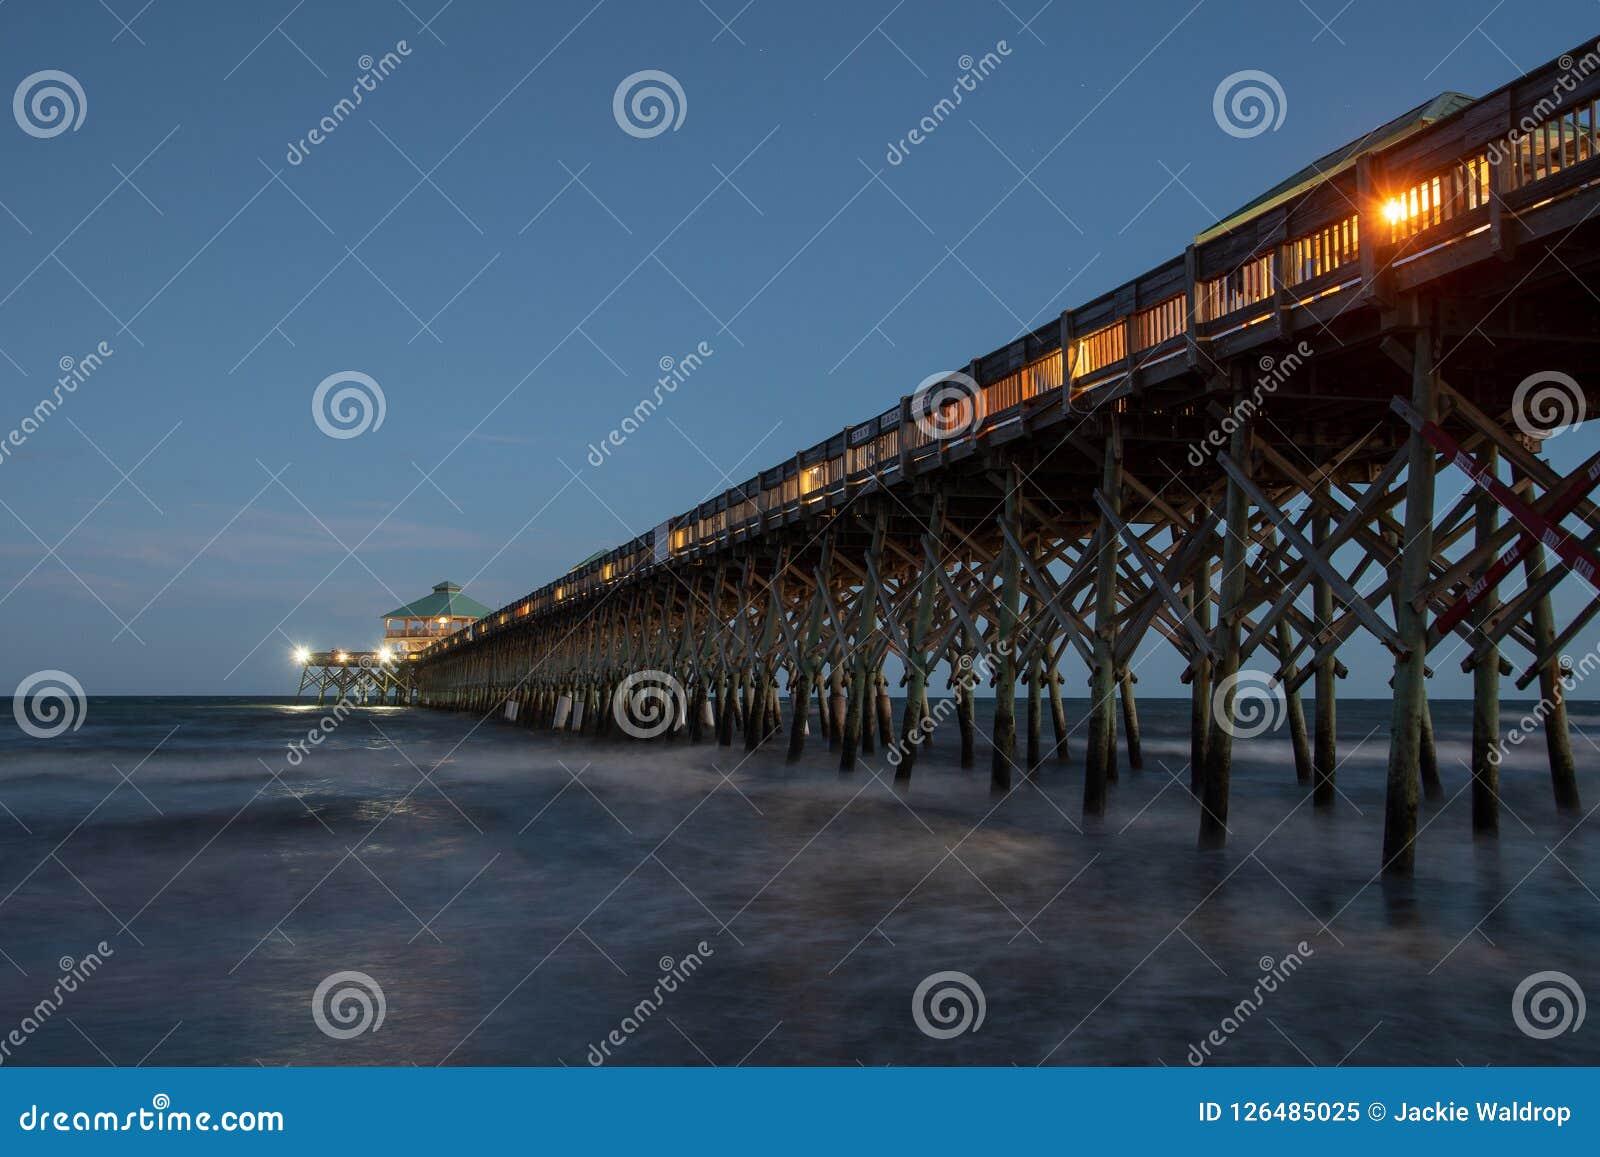 愚蠢海滩码头在晚上